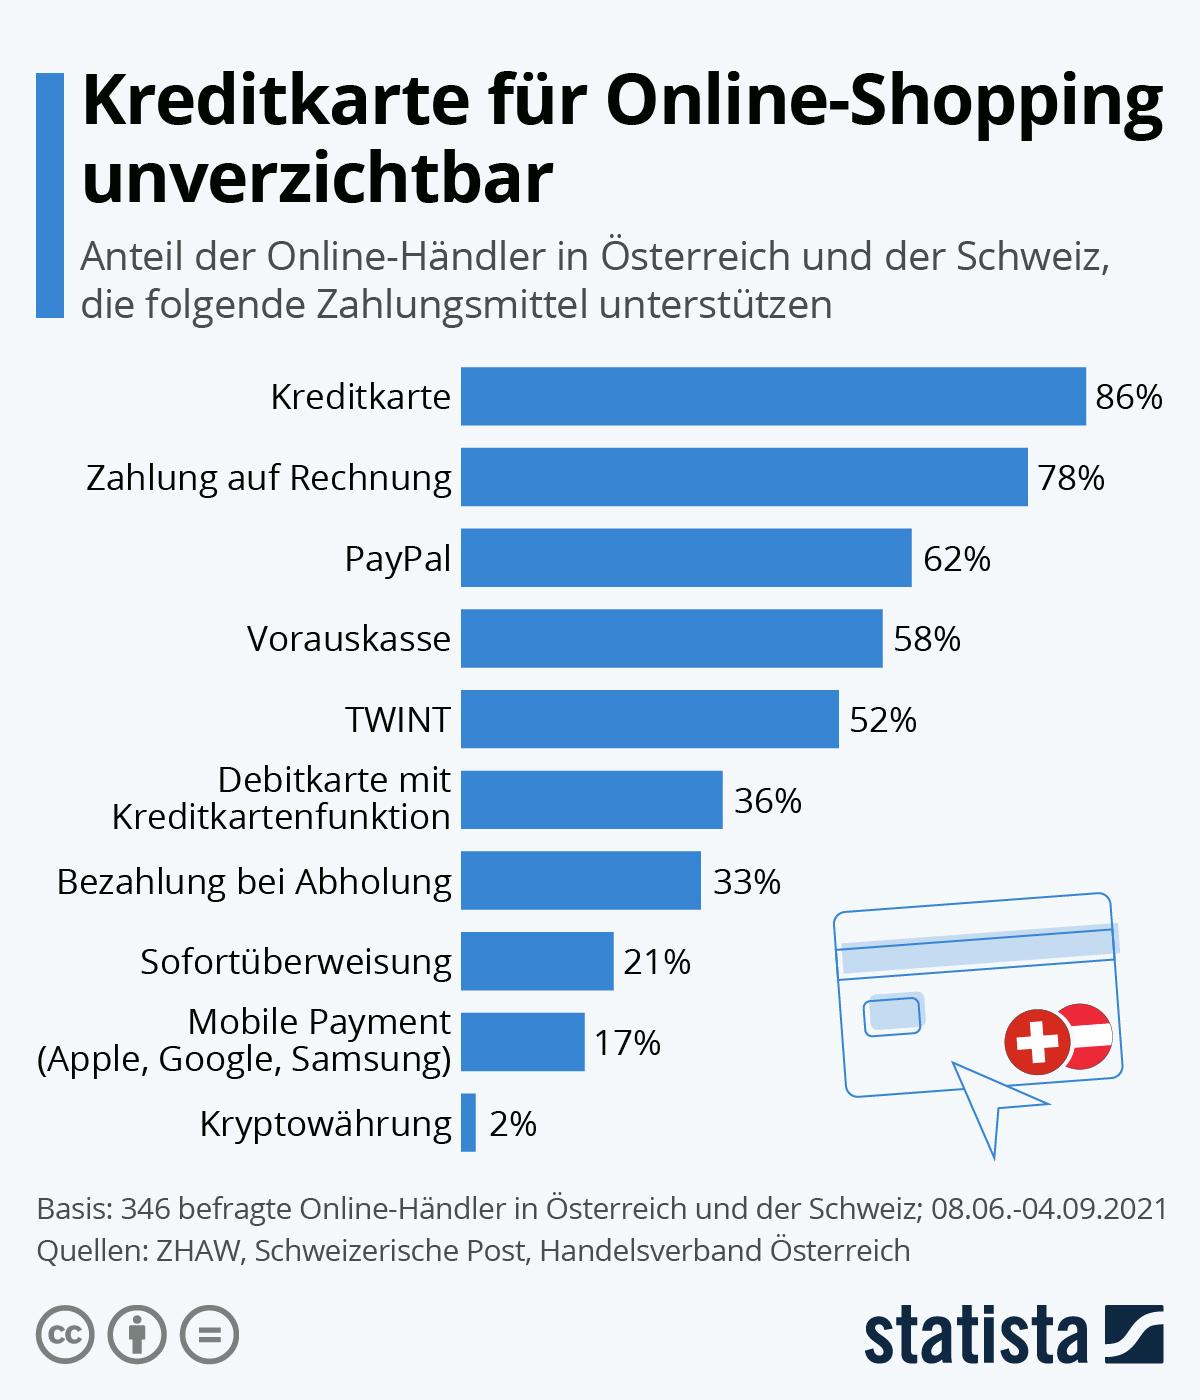 Infografik: Kreditkarte für Online-Shopping unverzichtbar | Statista